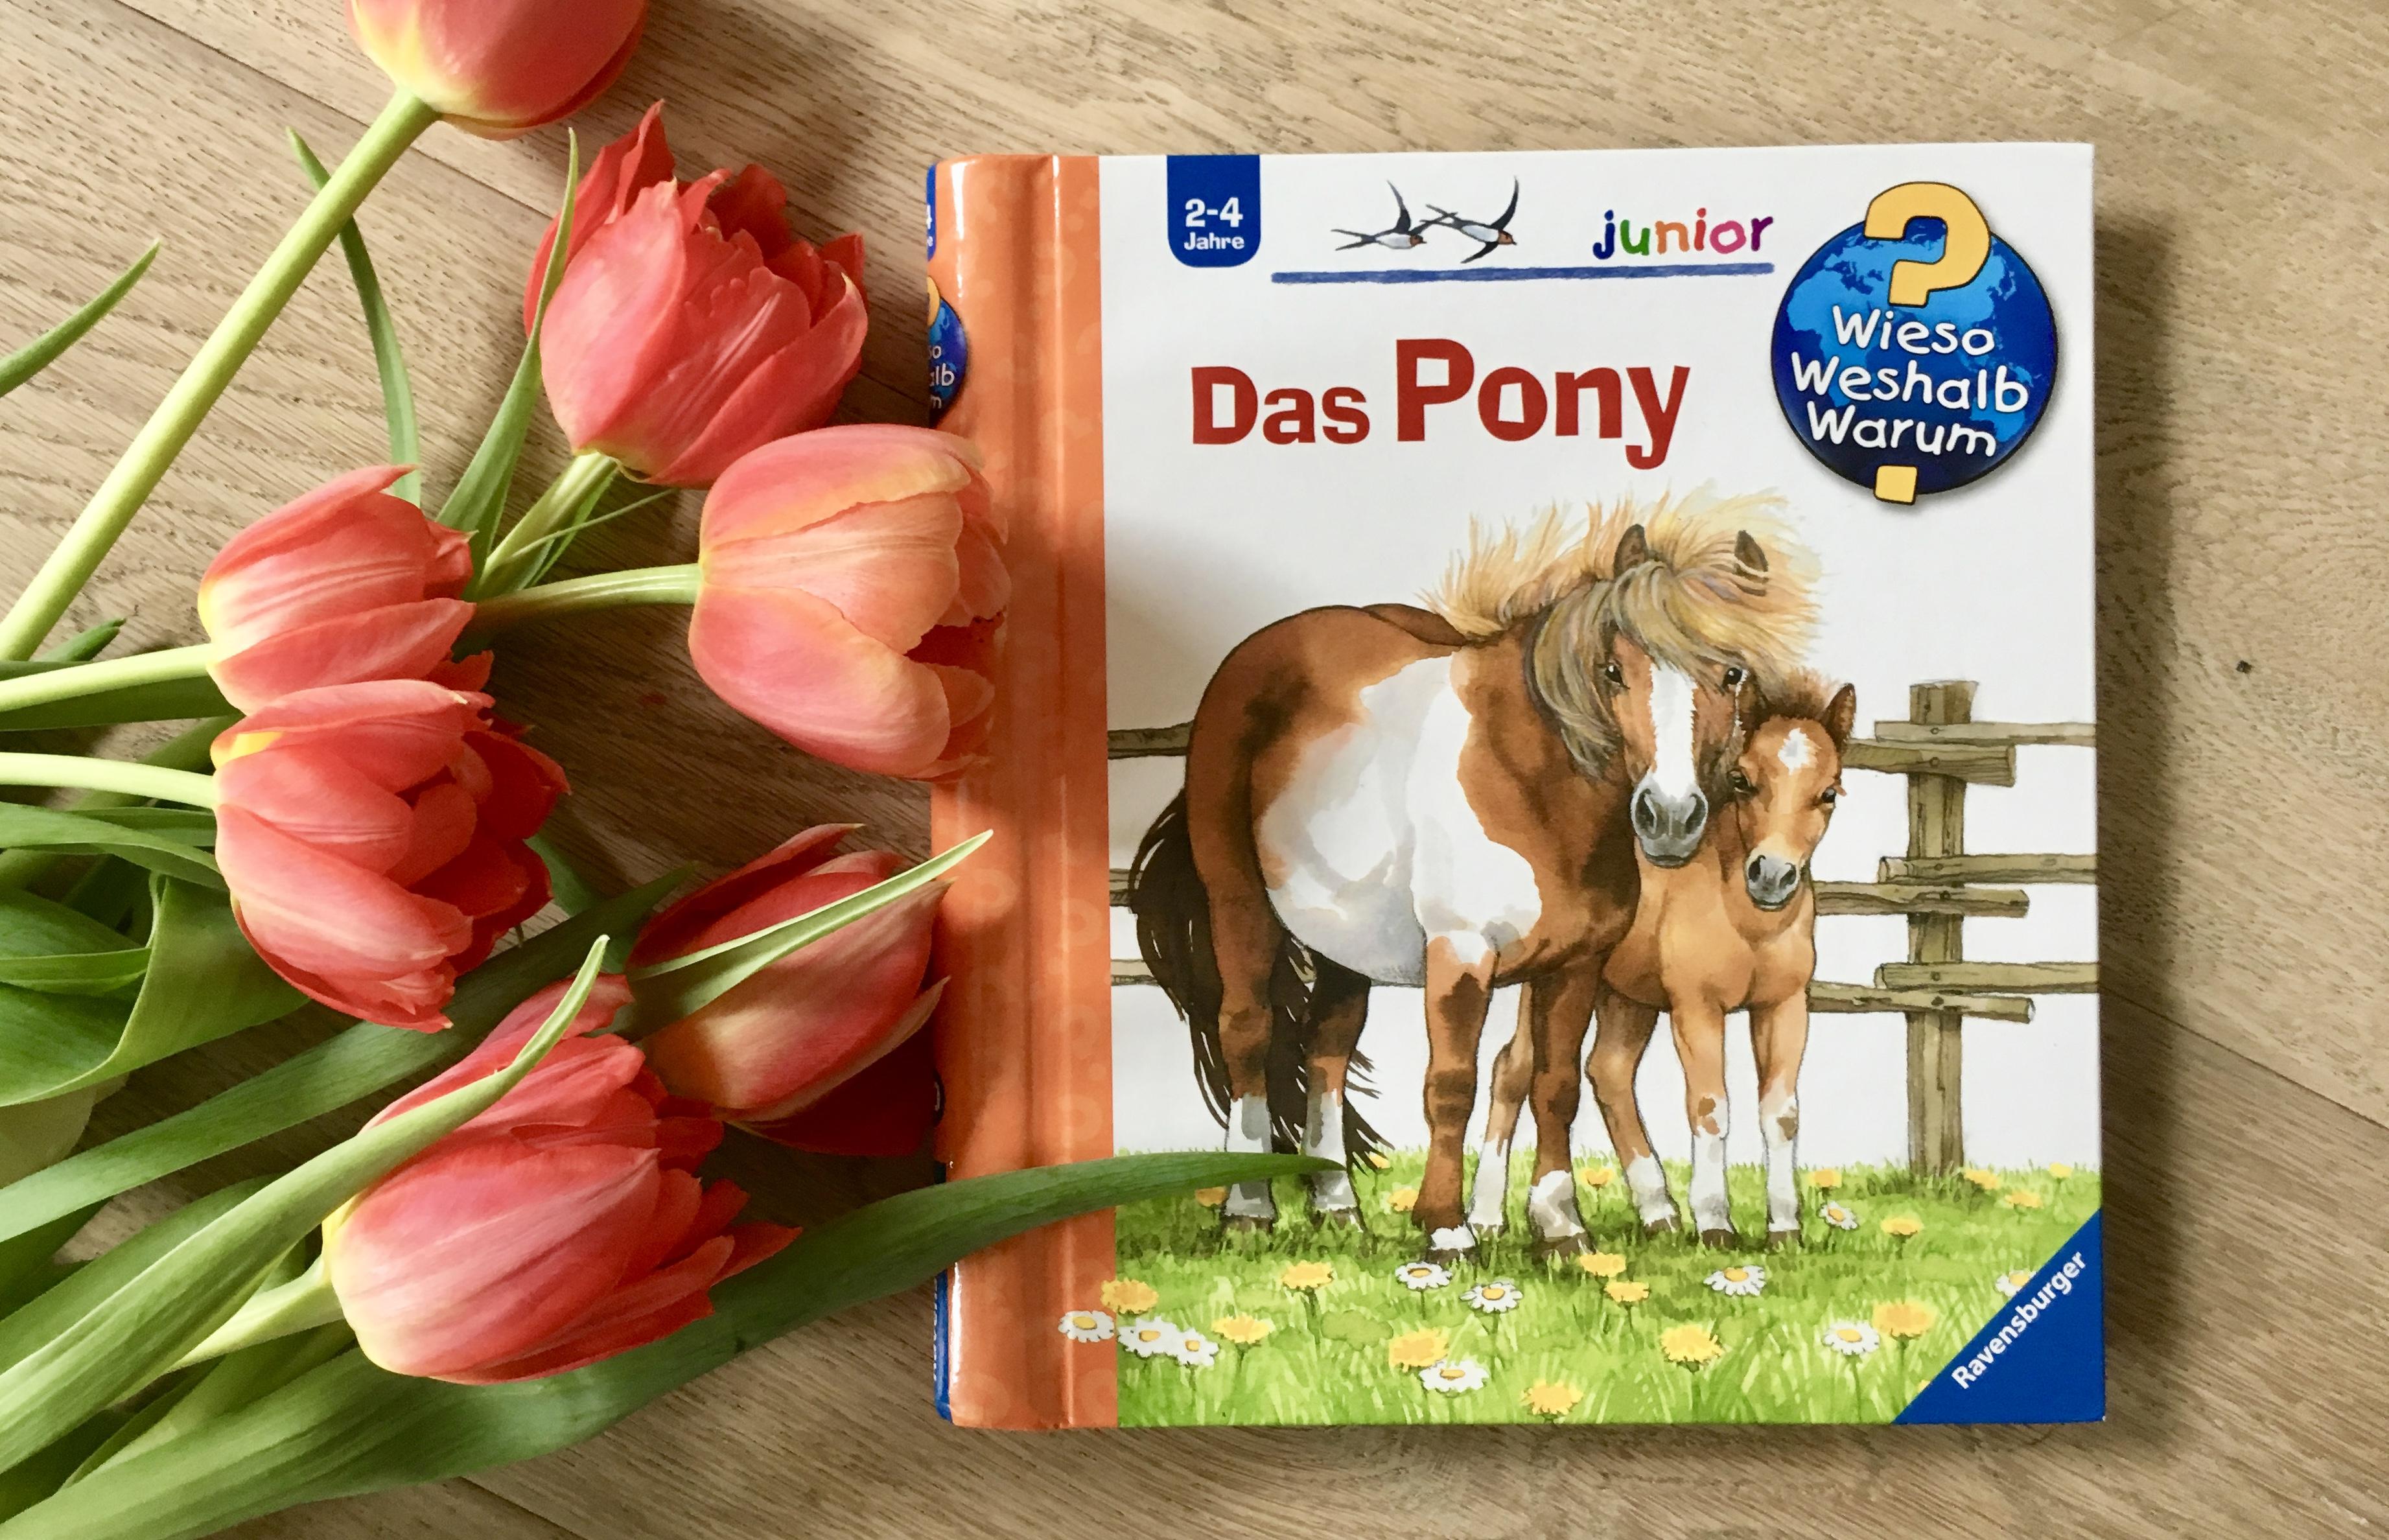 'Das Pony' aus der Reihe 'Wieso? Weshalb? Warum? junior' von Thea Roß